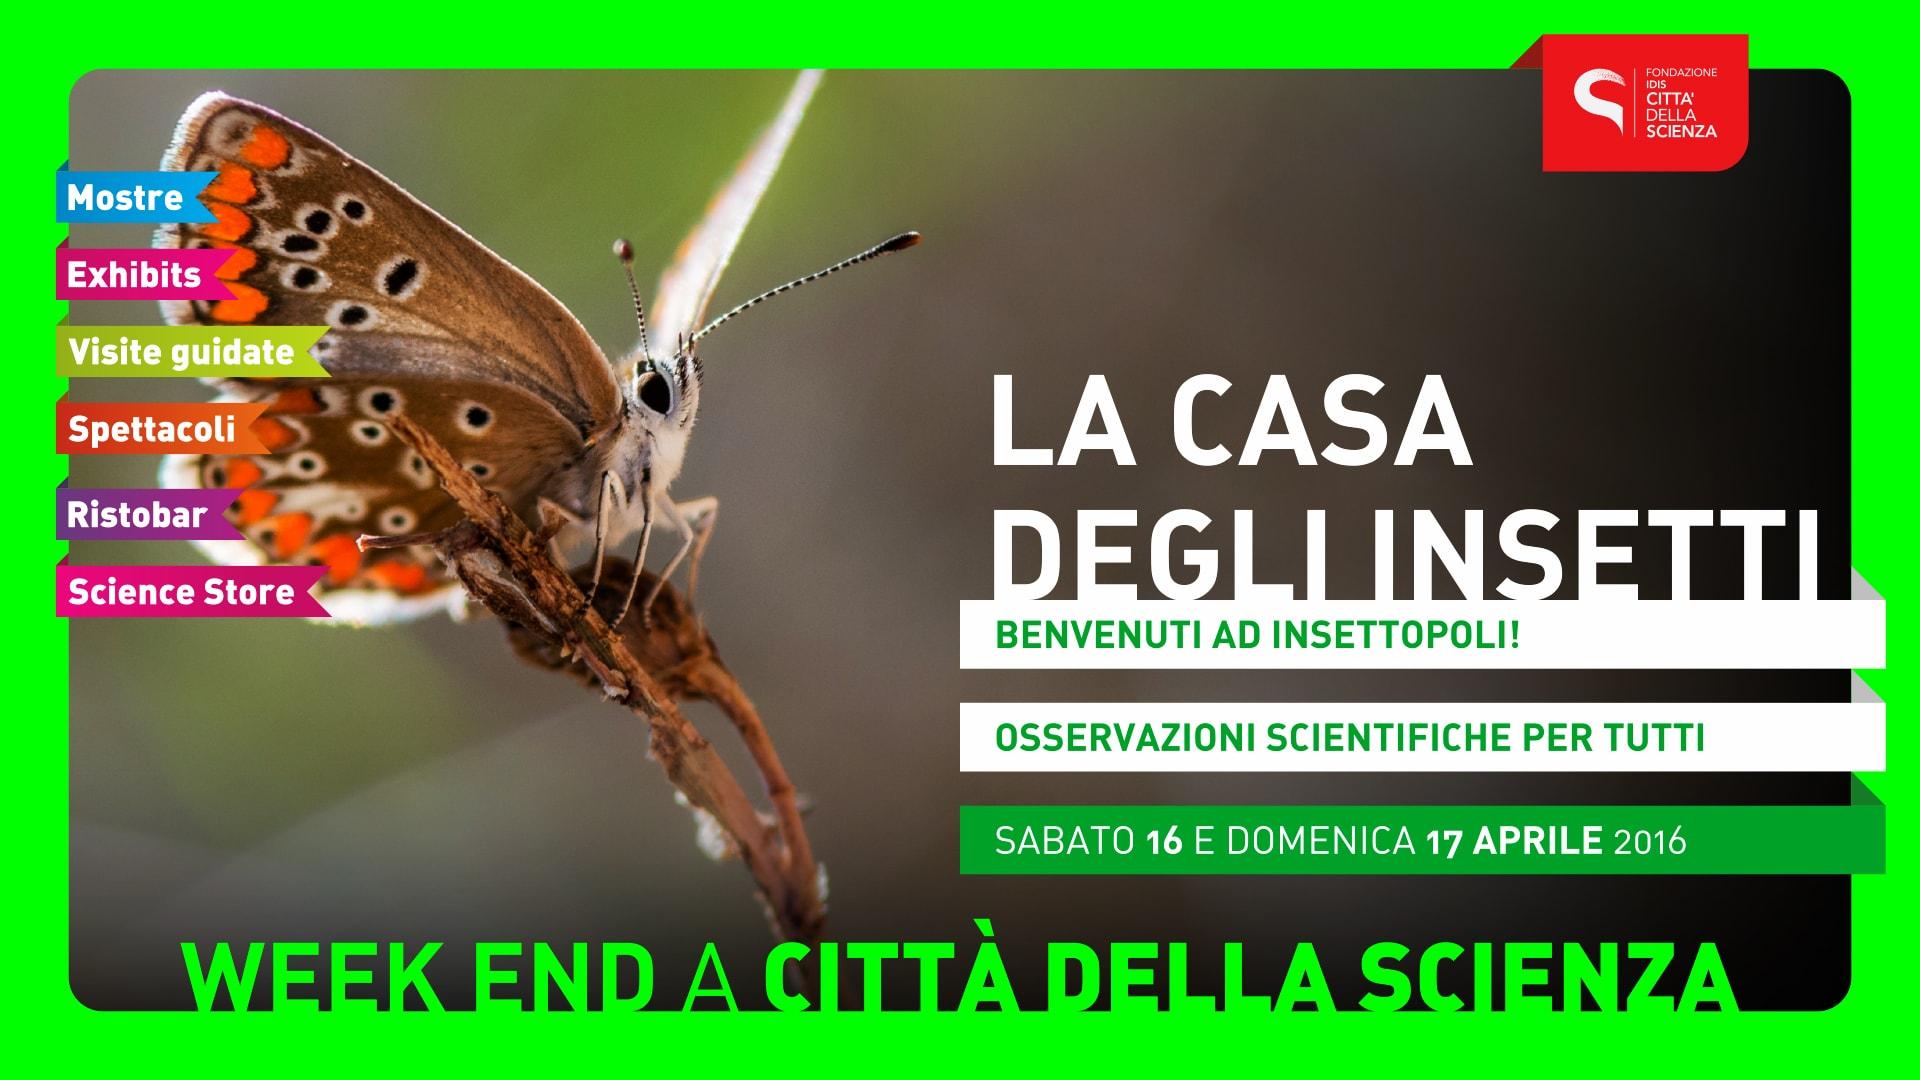 LA_CASA_DEGLI_INSETTI_1920_x_1080-min